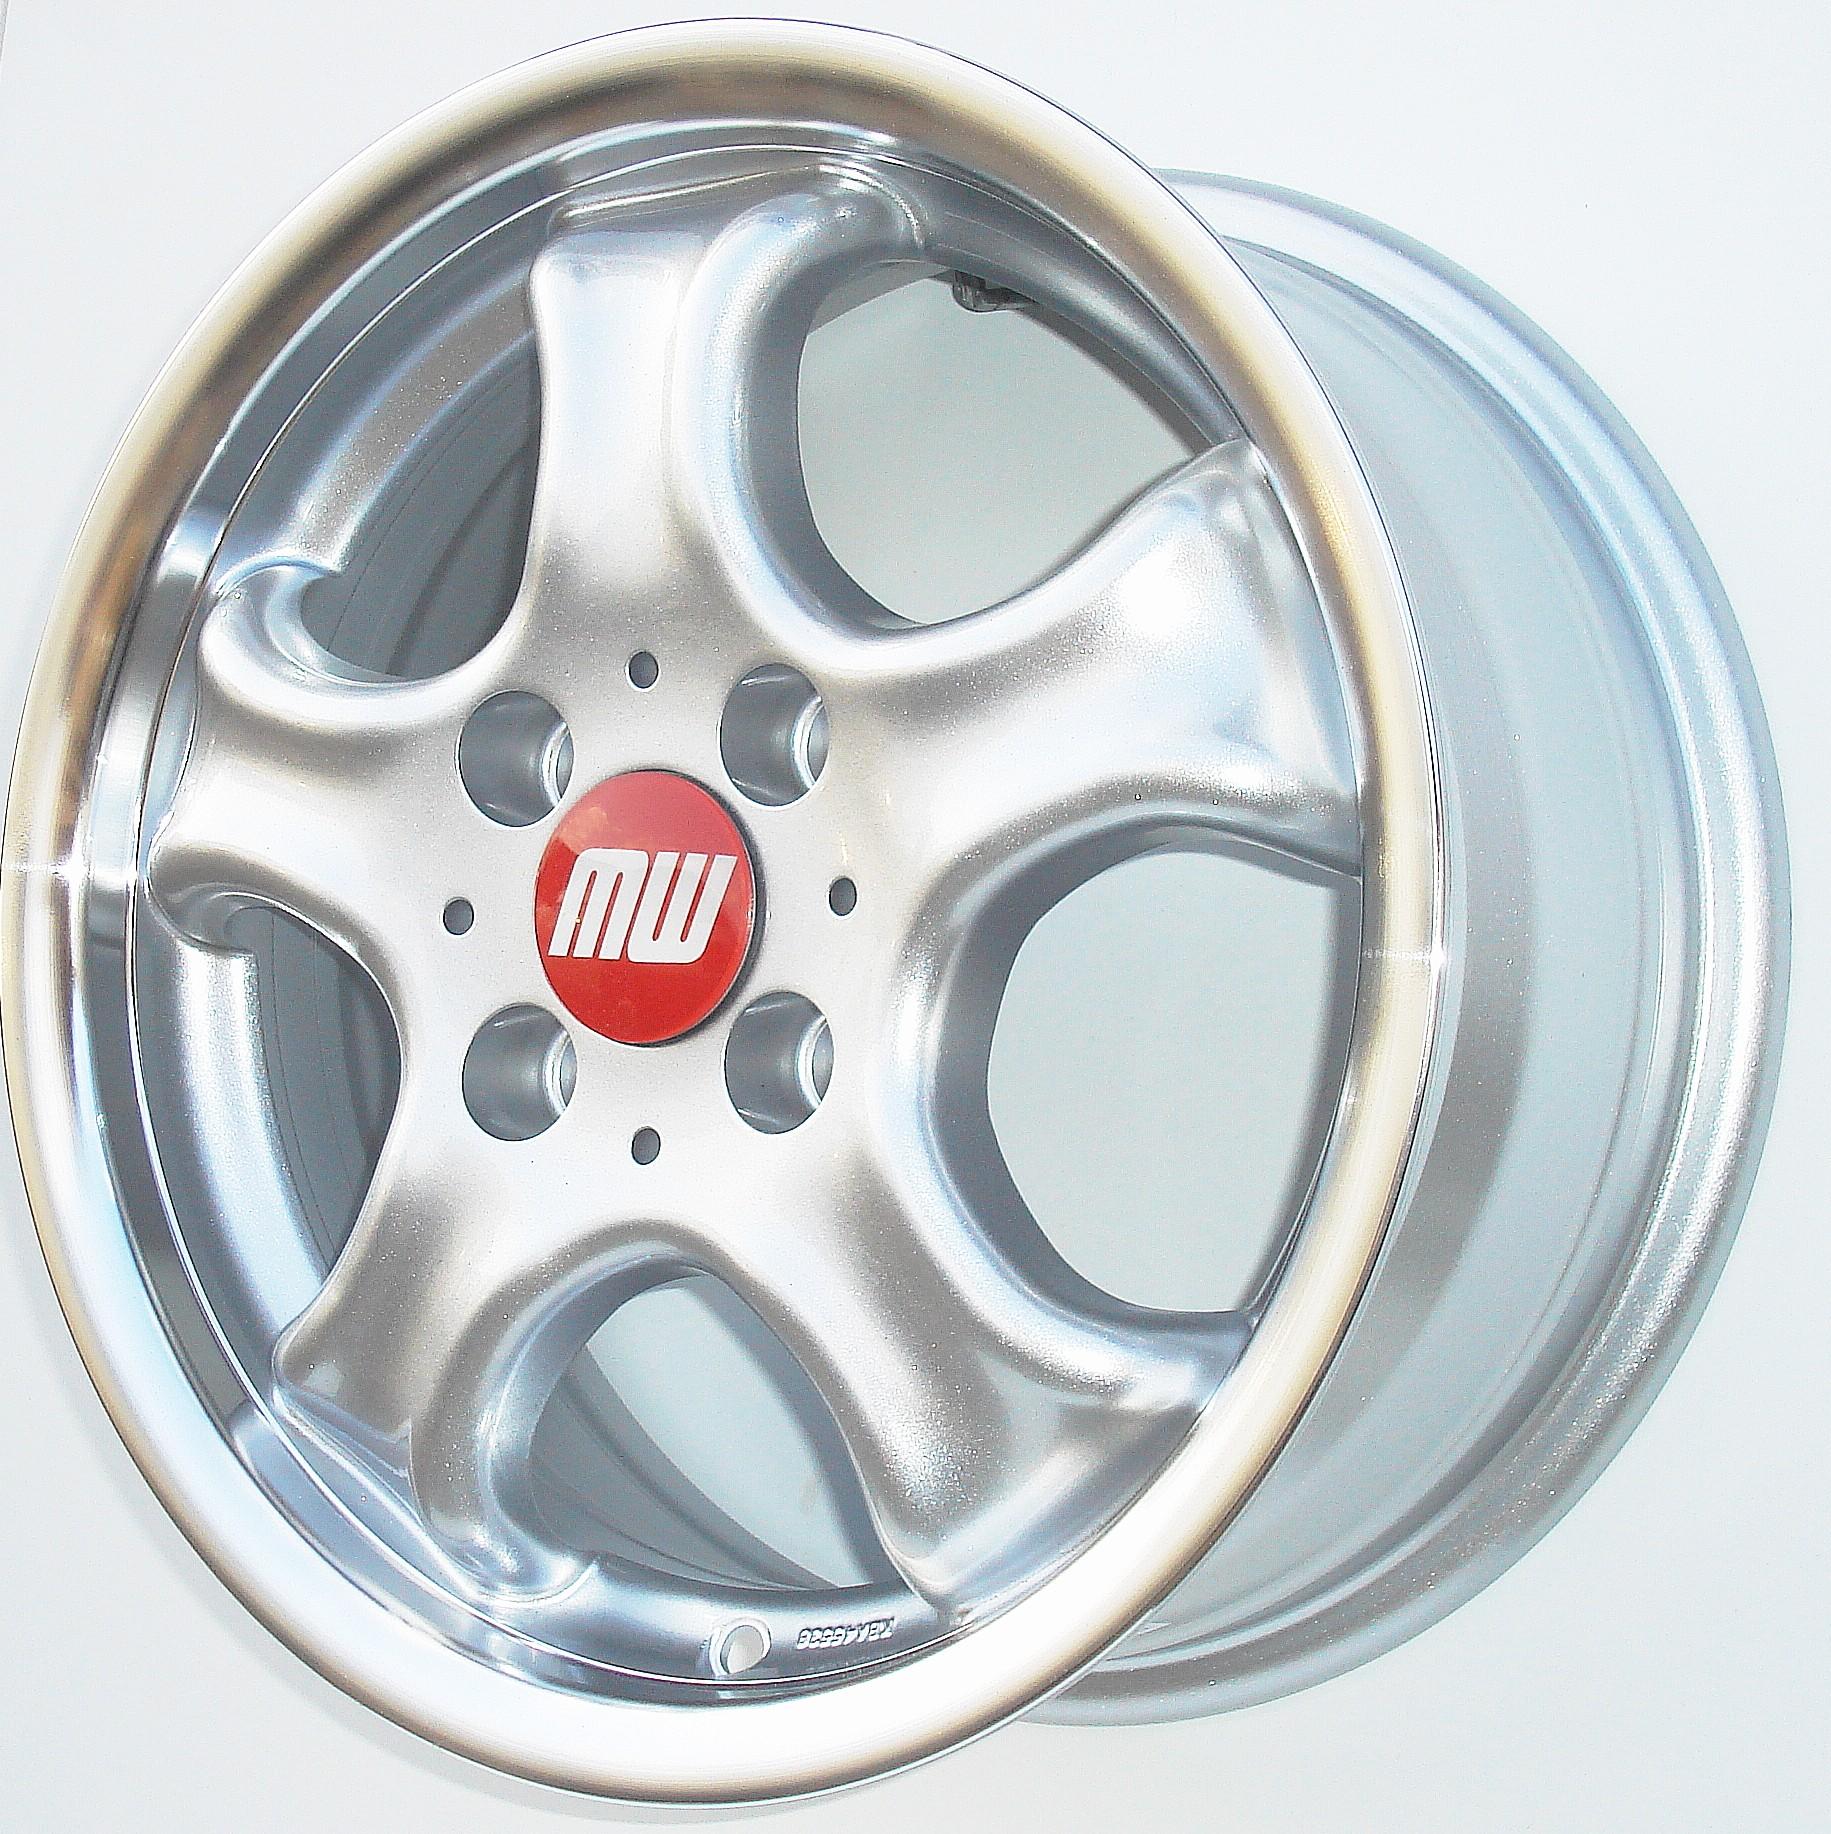 CUP-Rad 5,5X13 4/100 ET38 silber  metallic/hornkopiert - zulässige Reifengrössen: 1456/65R13, 155/65R13, 165/60R13, 165/65R13, 175/50R13, 175/60R13 mit ABE/Teilegutachten